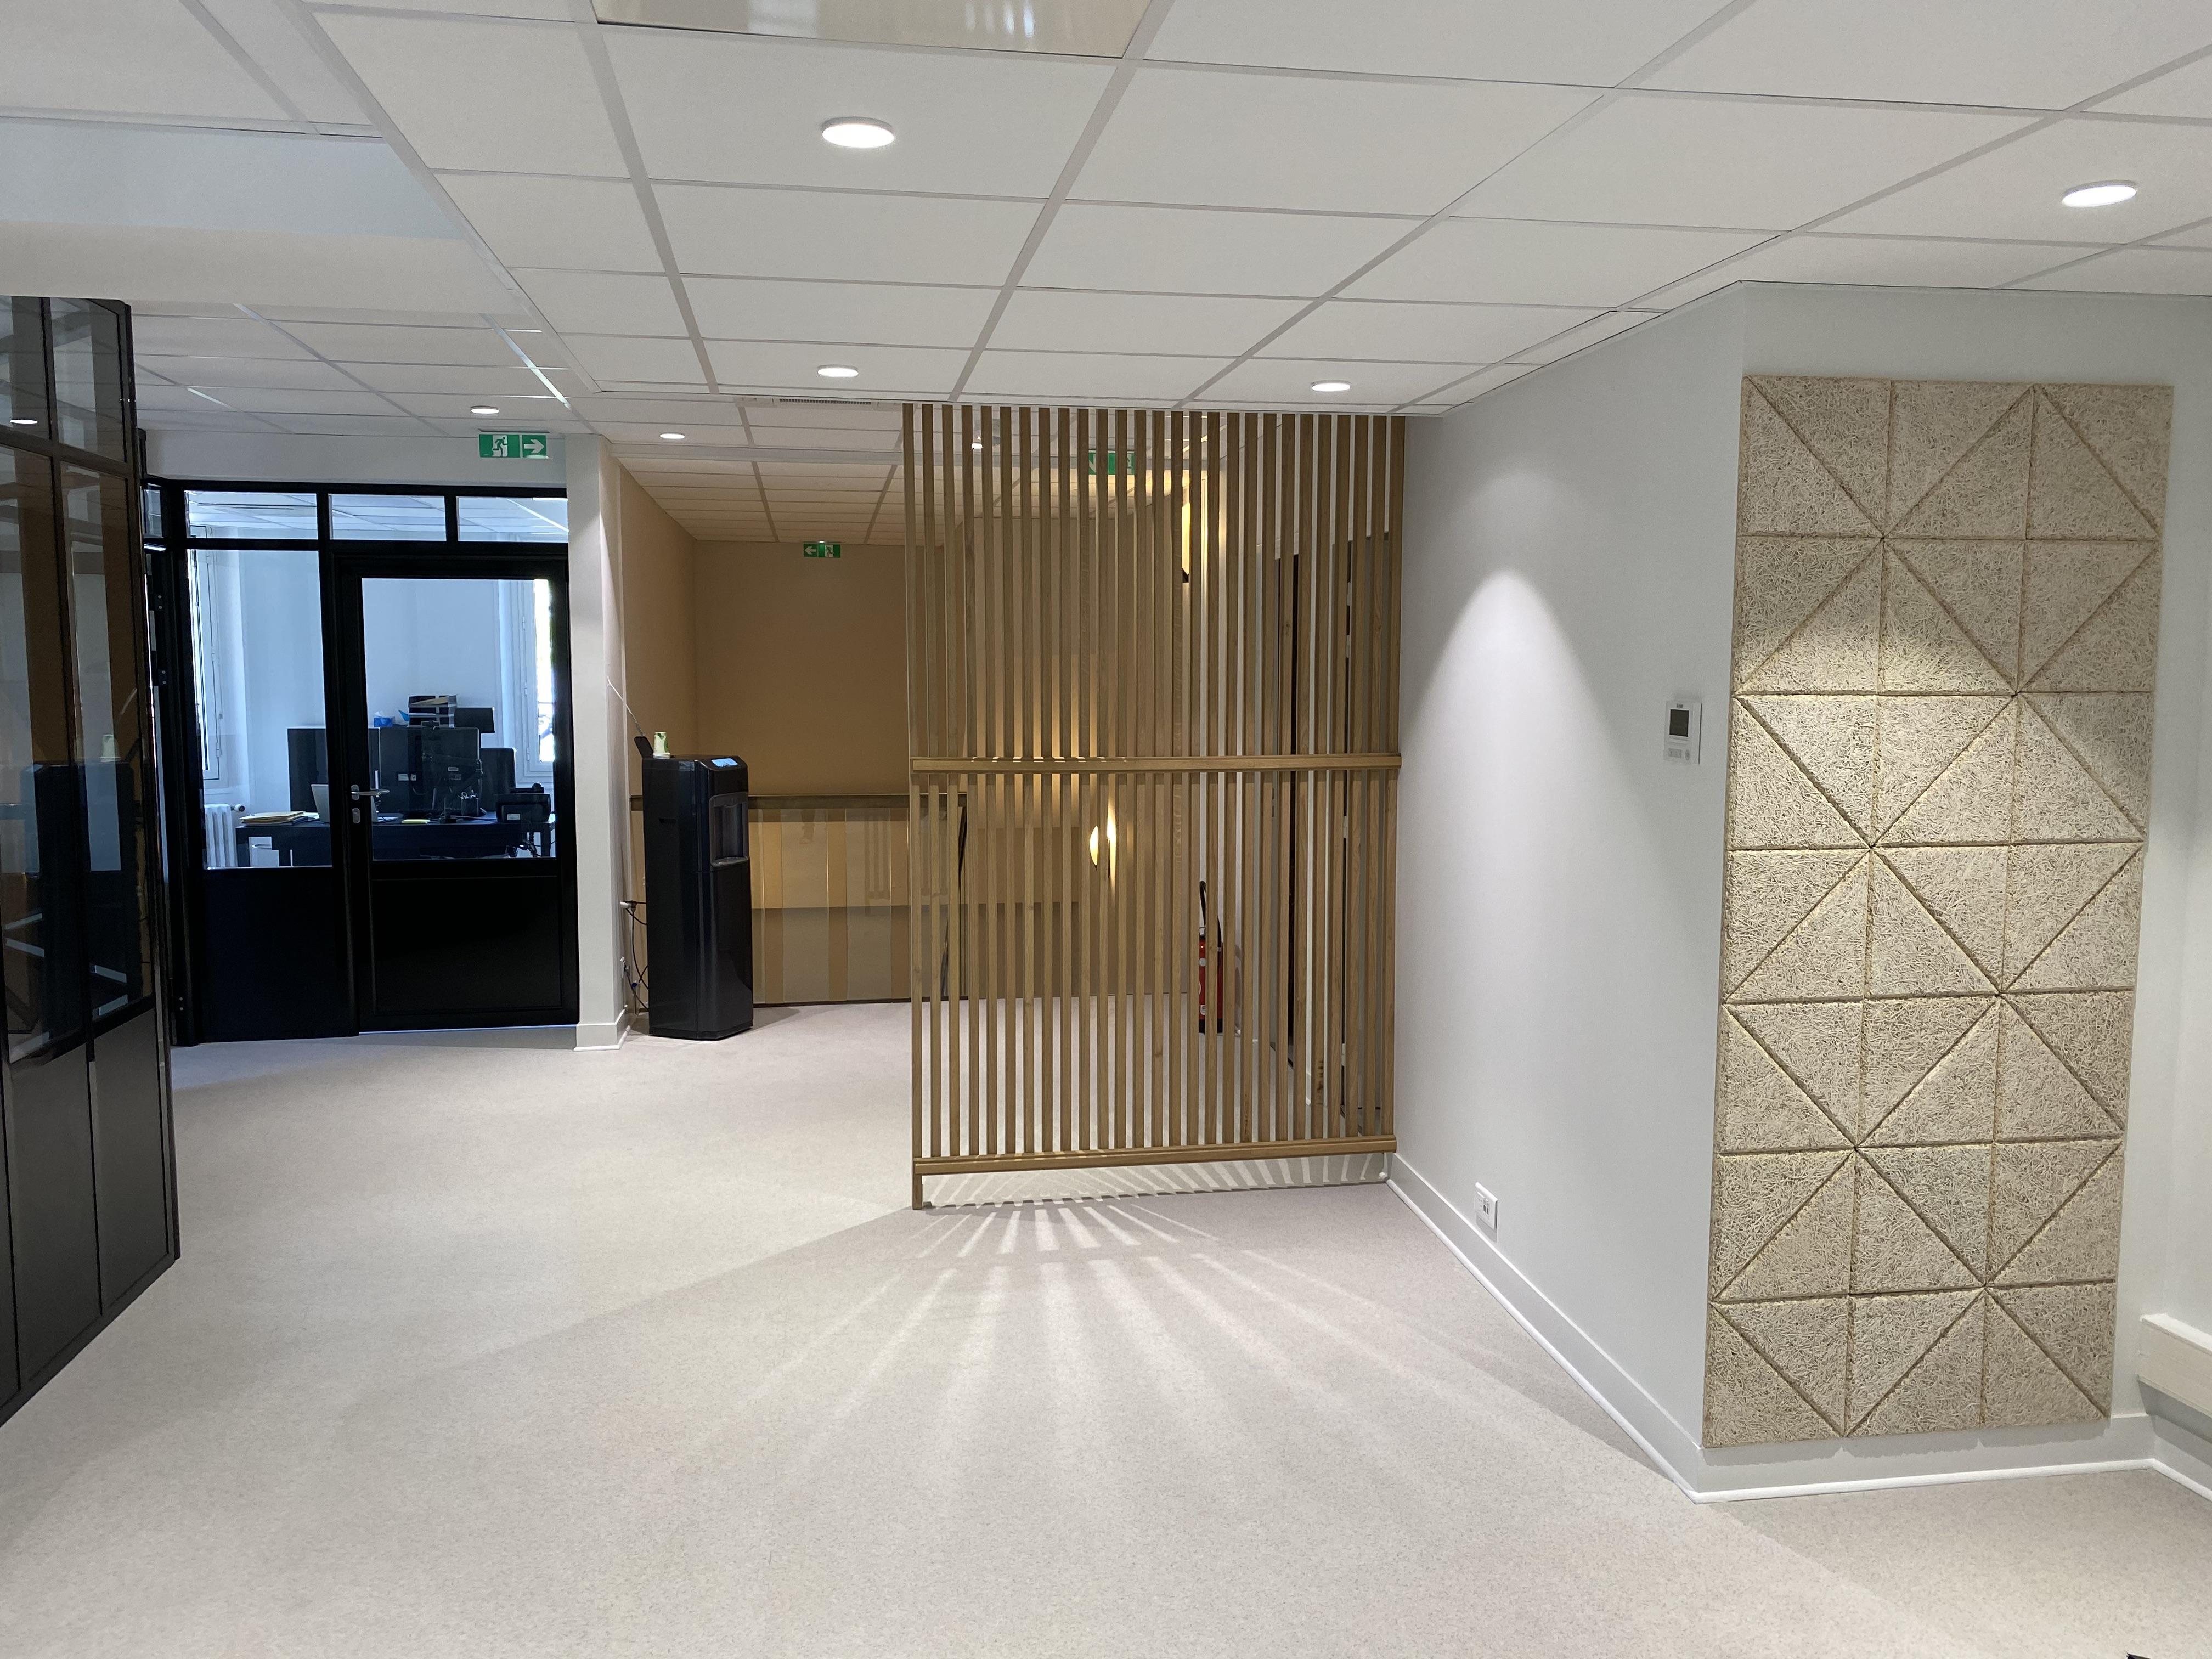 Réaménagement d'une agence bancaire à Troyes